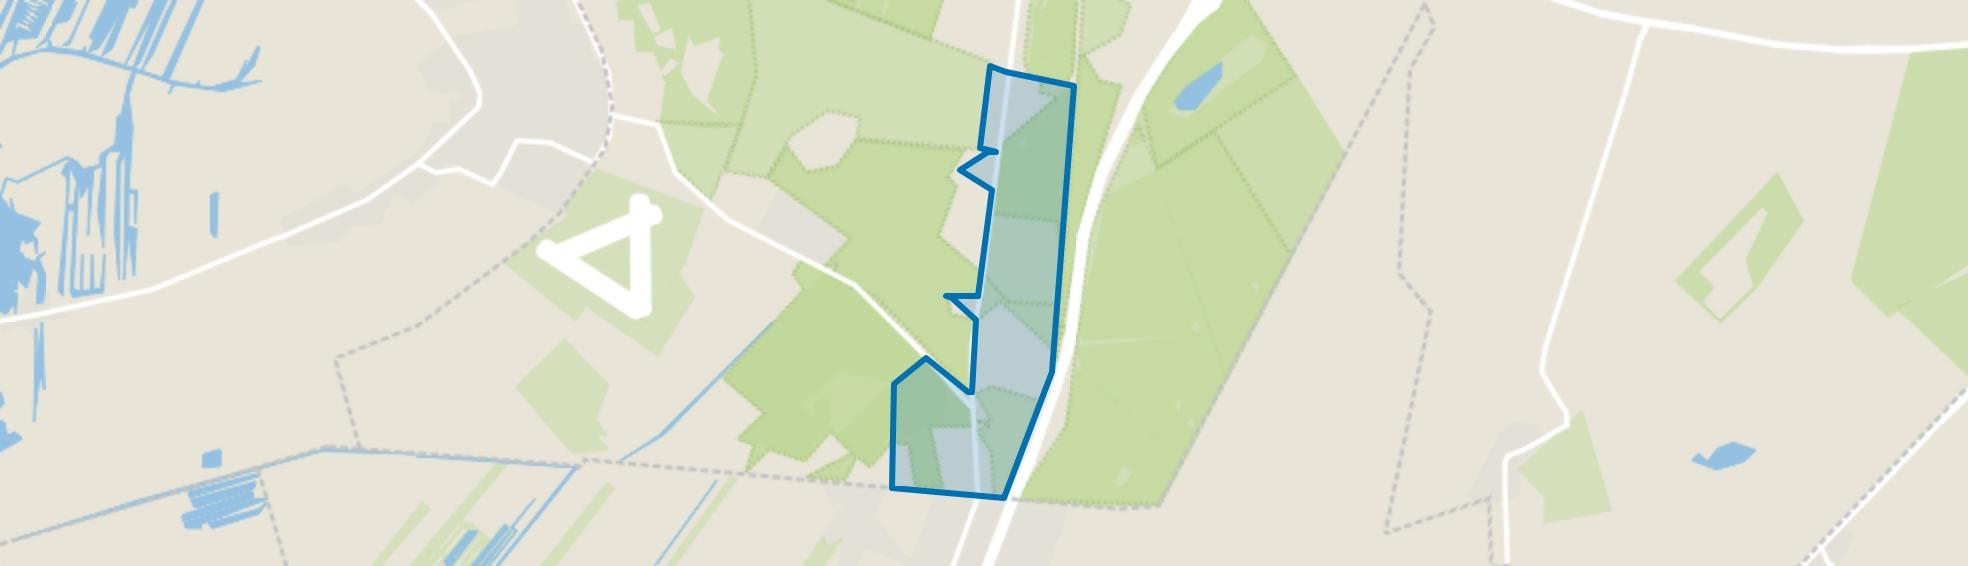 Landelijk Gebied 94, Hilversum map